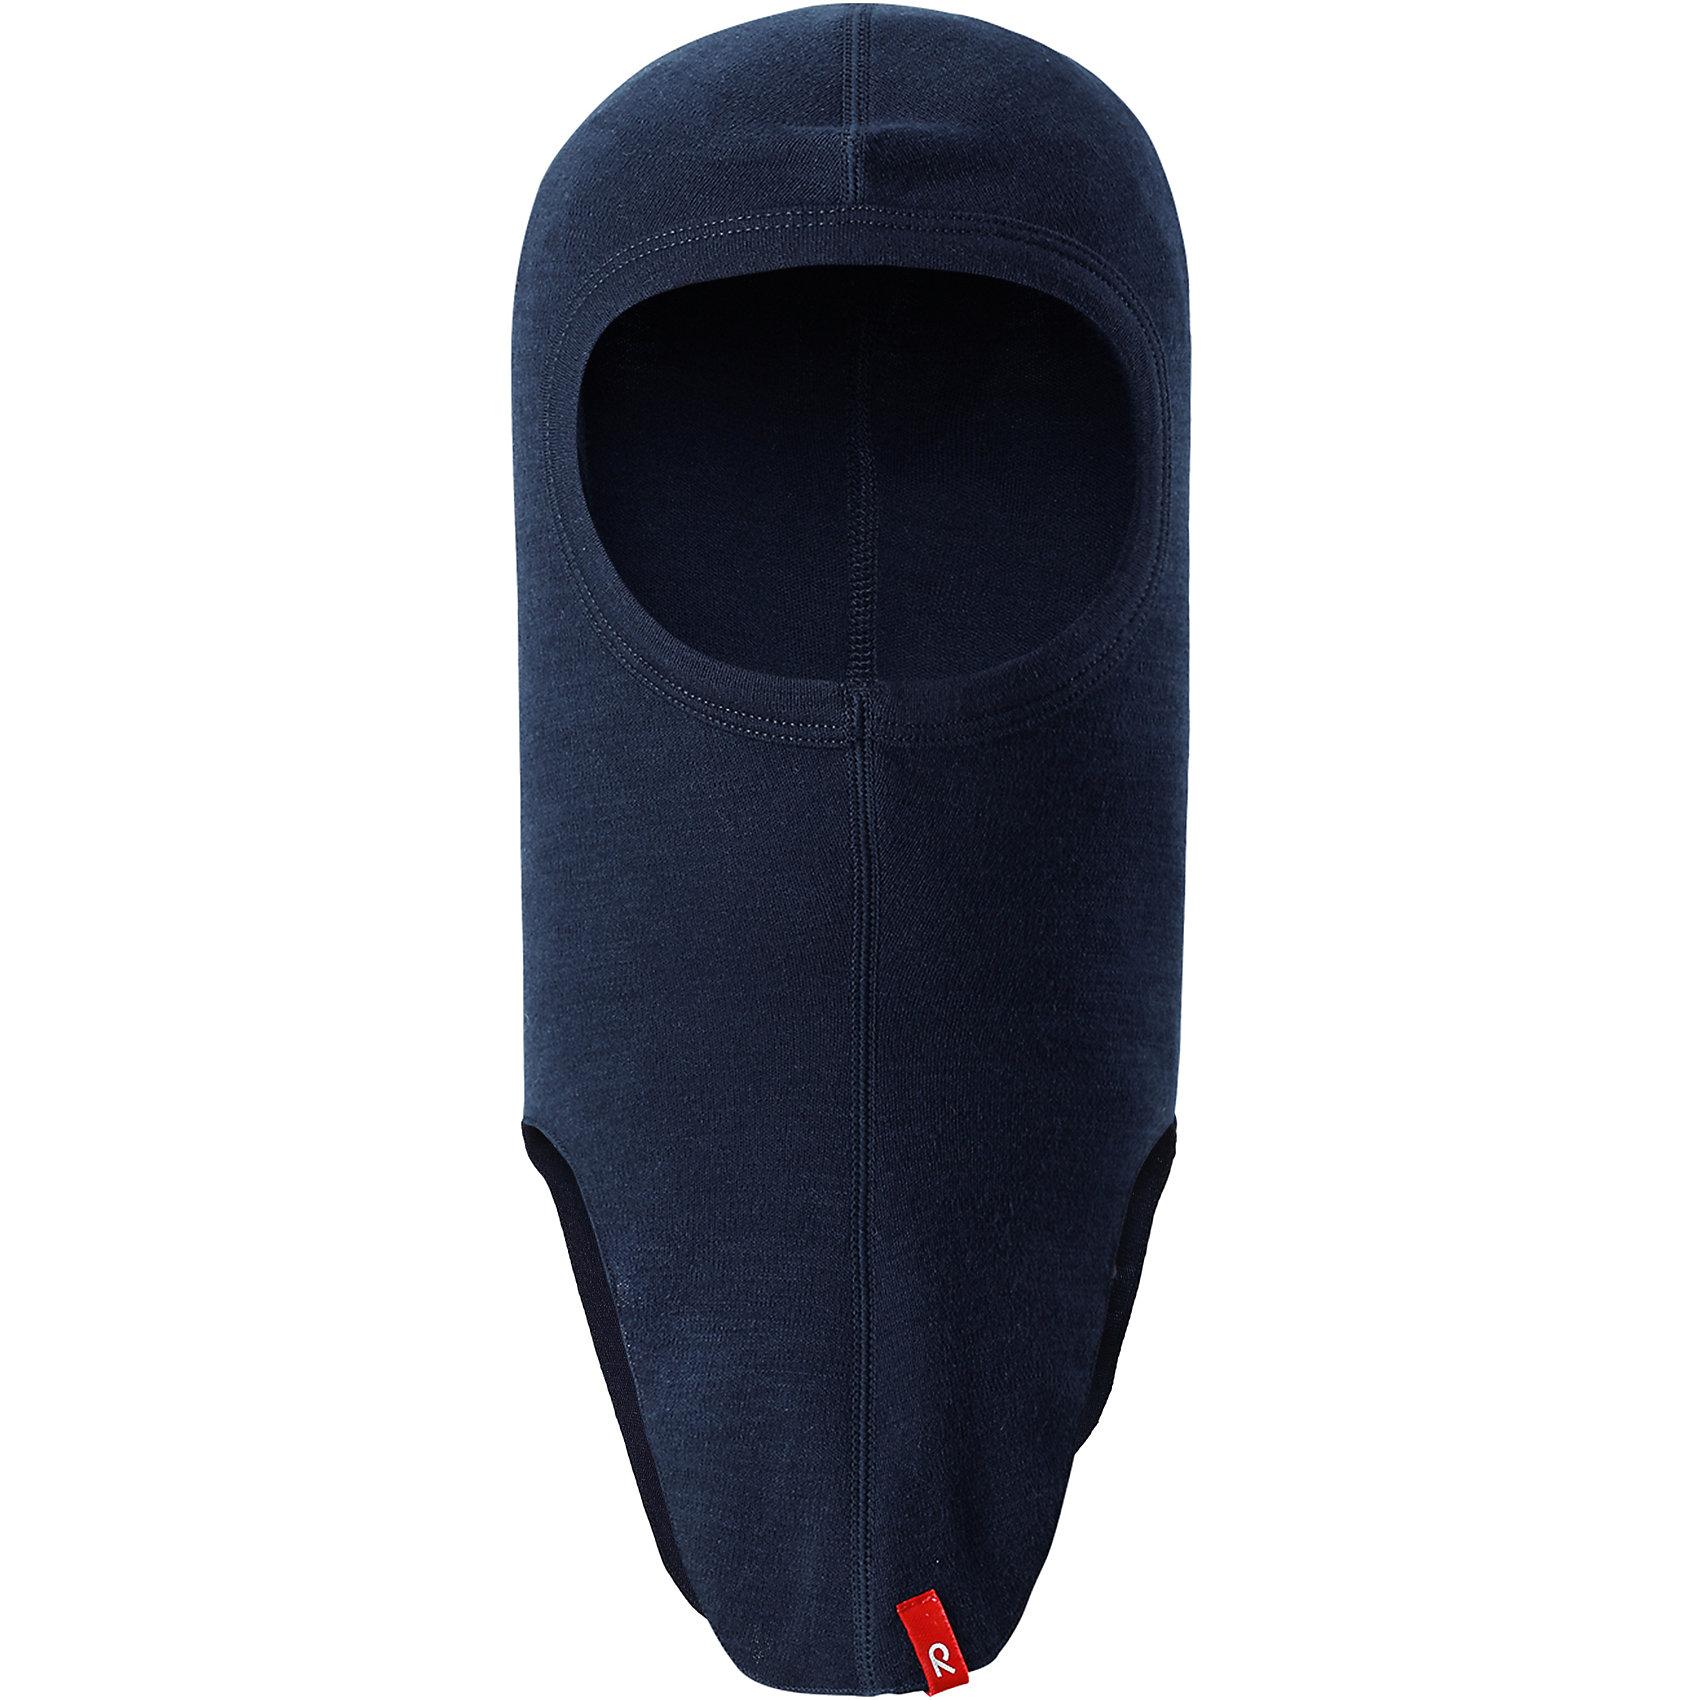 Шапка-шлем Reima AuroraГоловные уборы<br>Характеристики товара:<br><br>• цвет: темно-синяя;<br>• состав: 80% шерсть, 20% полиамид;<br>• сезон: демисезон;<br>• особенности: шерстяная;<br>• шапка-шлем базового слоя;<br>• шерсть идеально поддерживает температуру;<br>• легкий стиль, без подкладки;<br>• логотип Reima® сбоку;<br>• страна бренда: Финляндия;<br>• страна производства: Китай.<br><br>Шерстяная шапка-шлем для подростков отлично регулирует температуру. Эта удобная шапка-шлем хорошо защищает лоб, щеки и шею. Она сшита из мягкого и теплого полушерстяного трикотажа. <br><br>Облегченная модель без подкладки очень практична: ее можно надевать под шапку или шлем для дополнительной защиты или утепления. Ее также можно поднять, чтобы закрыть лицо.<br><br>Шапку-шлем Aurora Reima можно купить в нашем интернет-магазине.<br><br>Ширина мм: 89<br>Глубина мм: 117<br>Высота мм: 44<br>Вес г: 155<br>Цвет: синий<br>Возраст от месяцев: 36<br>Возраст до месяцев: 48<br>Пол: Унисекс<br>Возраст: Детский<br>Размер: 50-52,54-56,46-48<br>SKU: 6902717